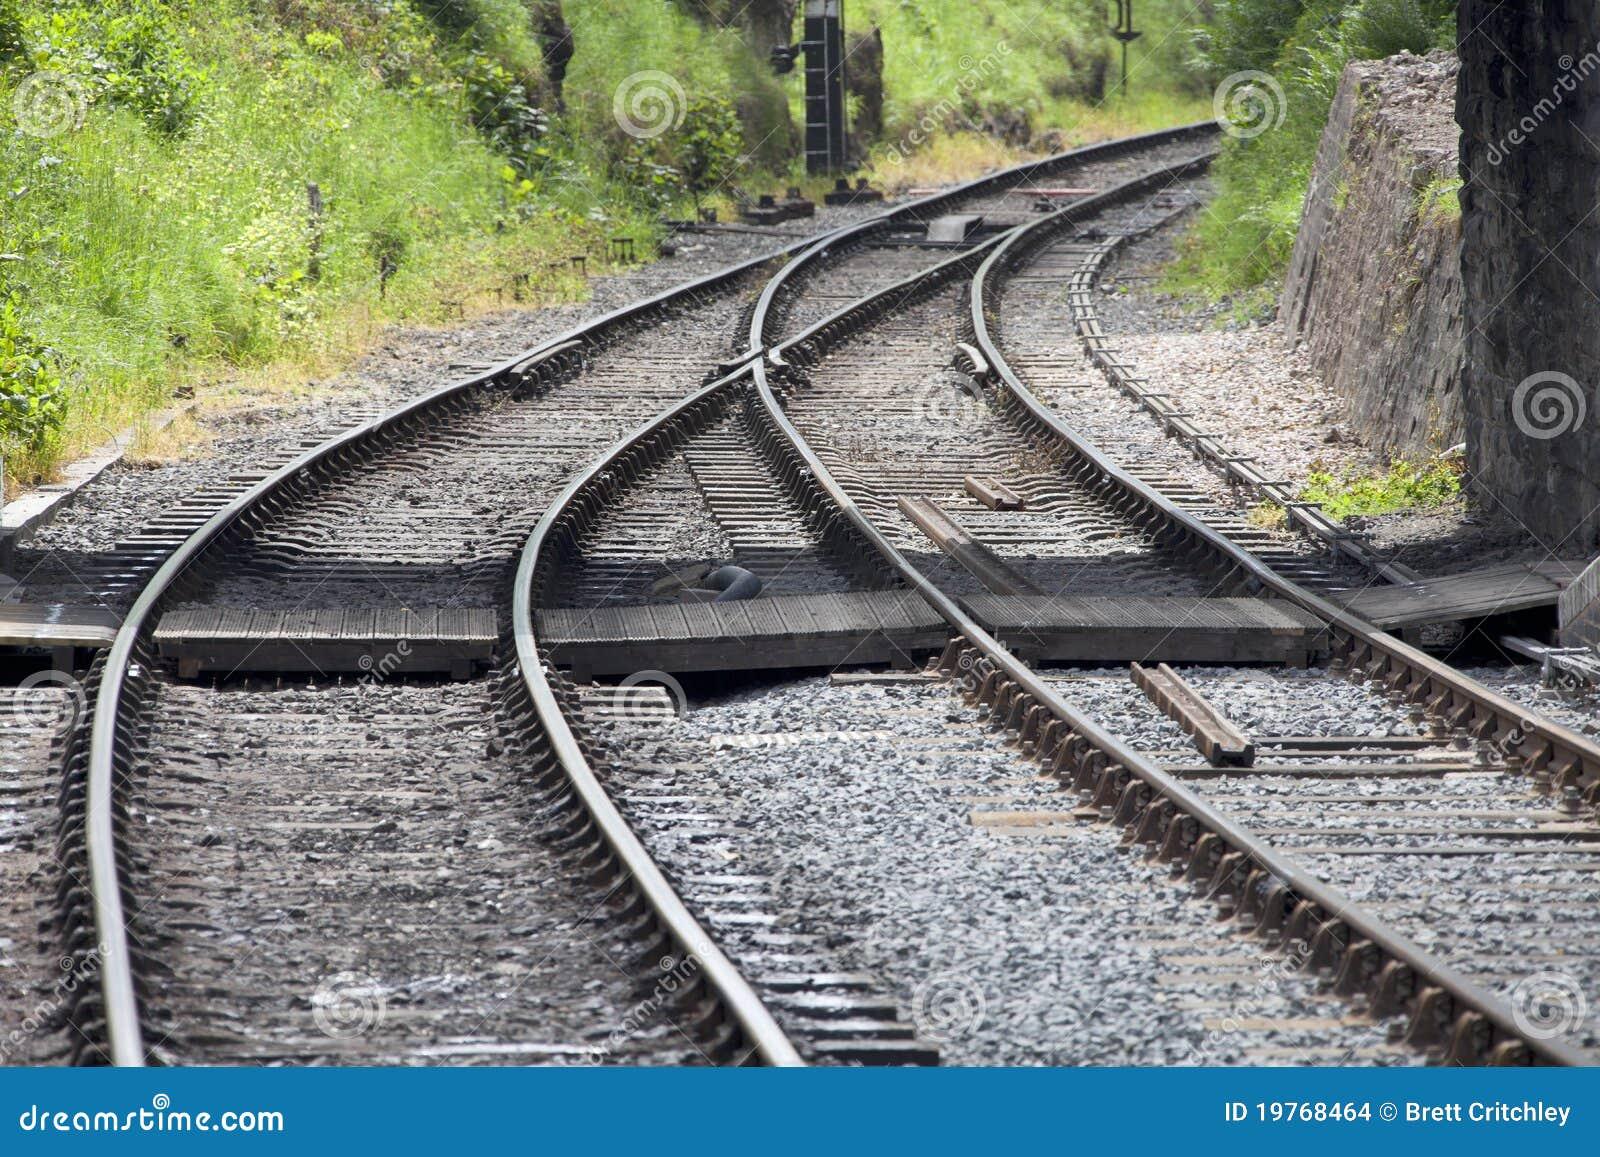 De sporen van de spoorweg